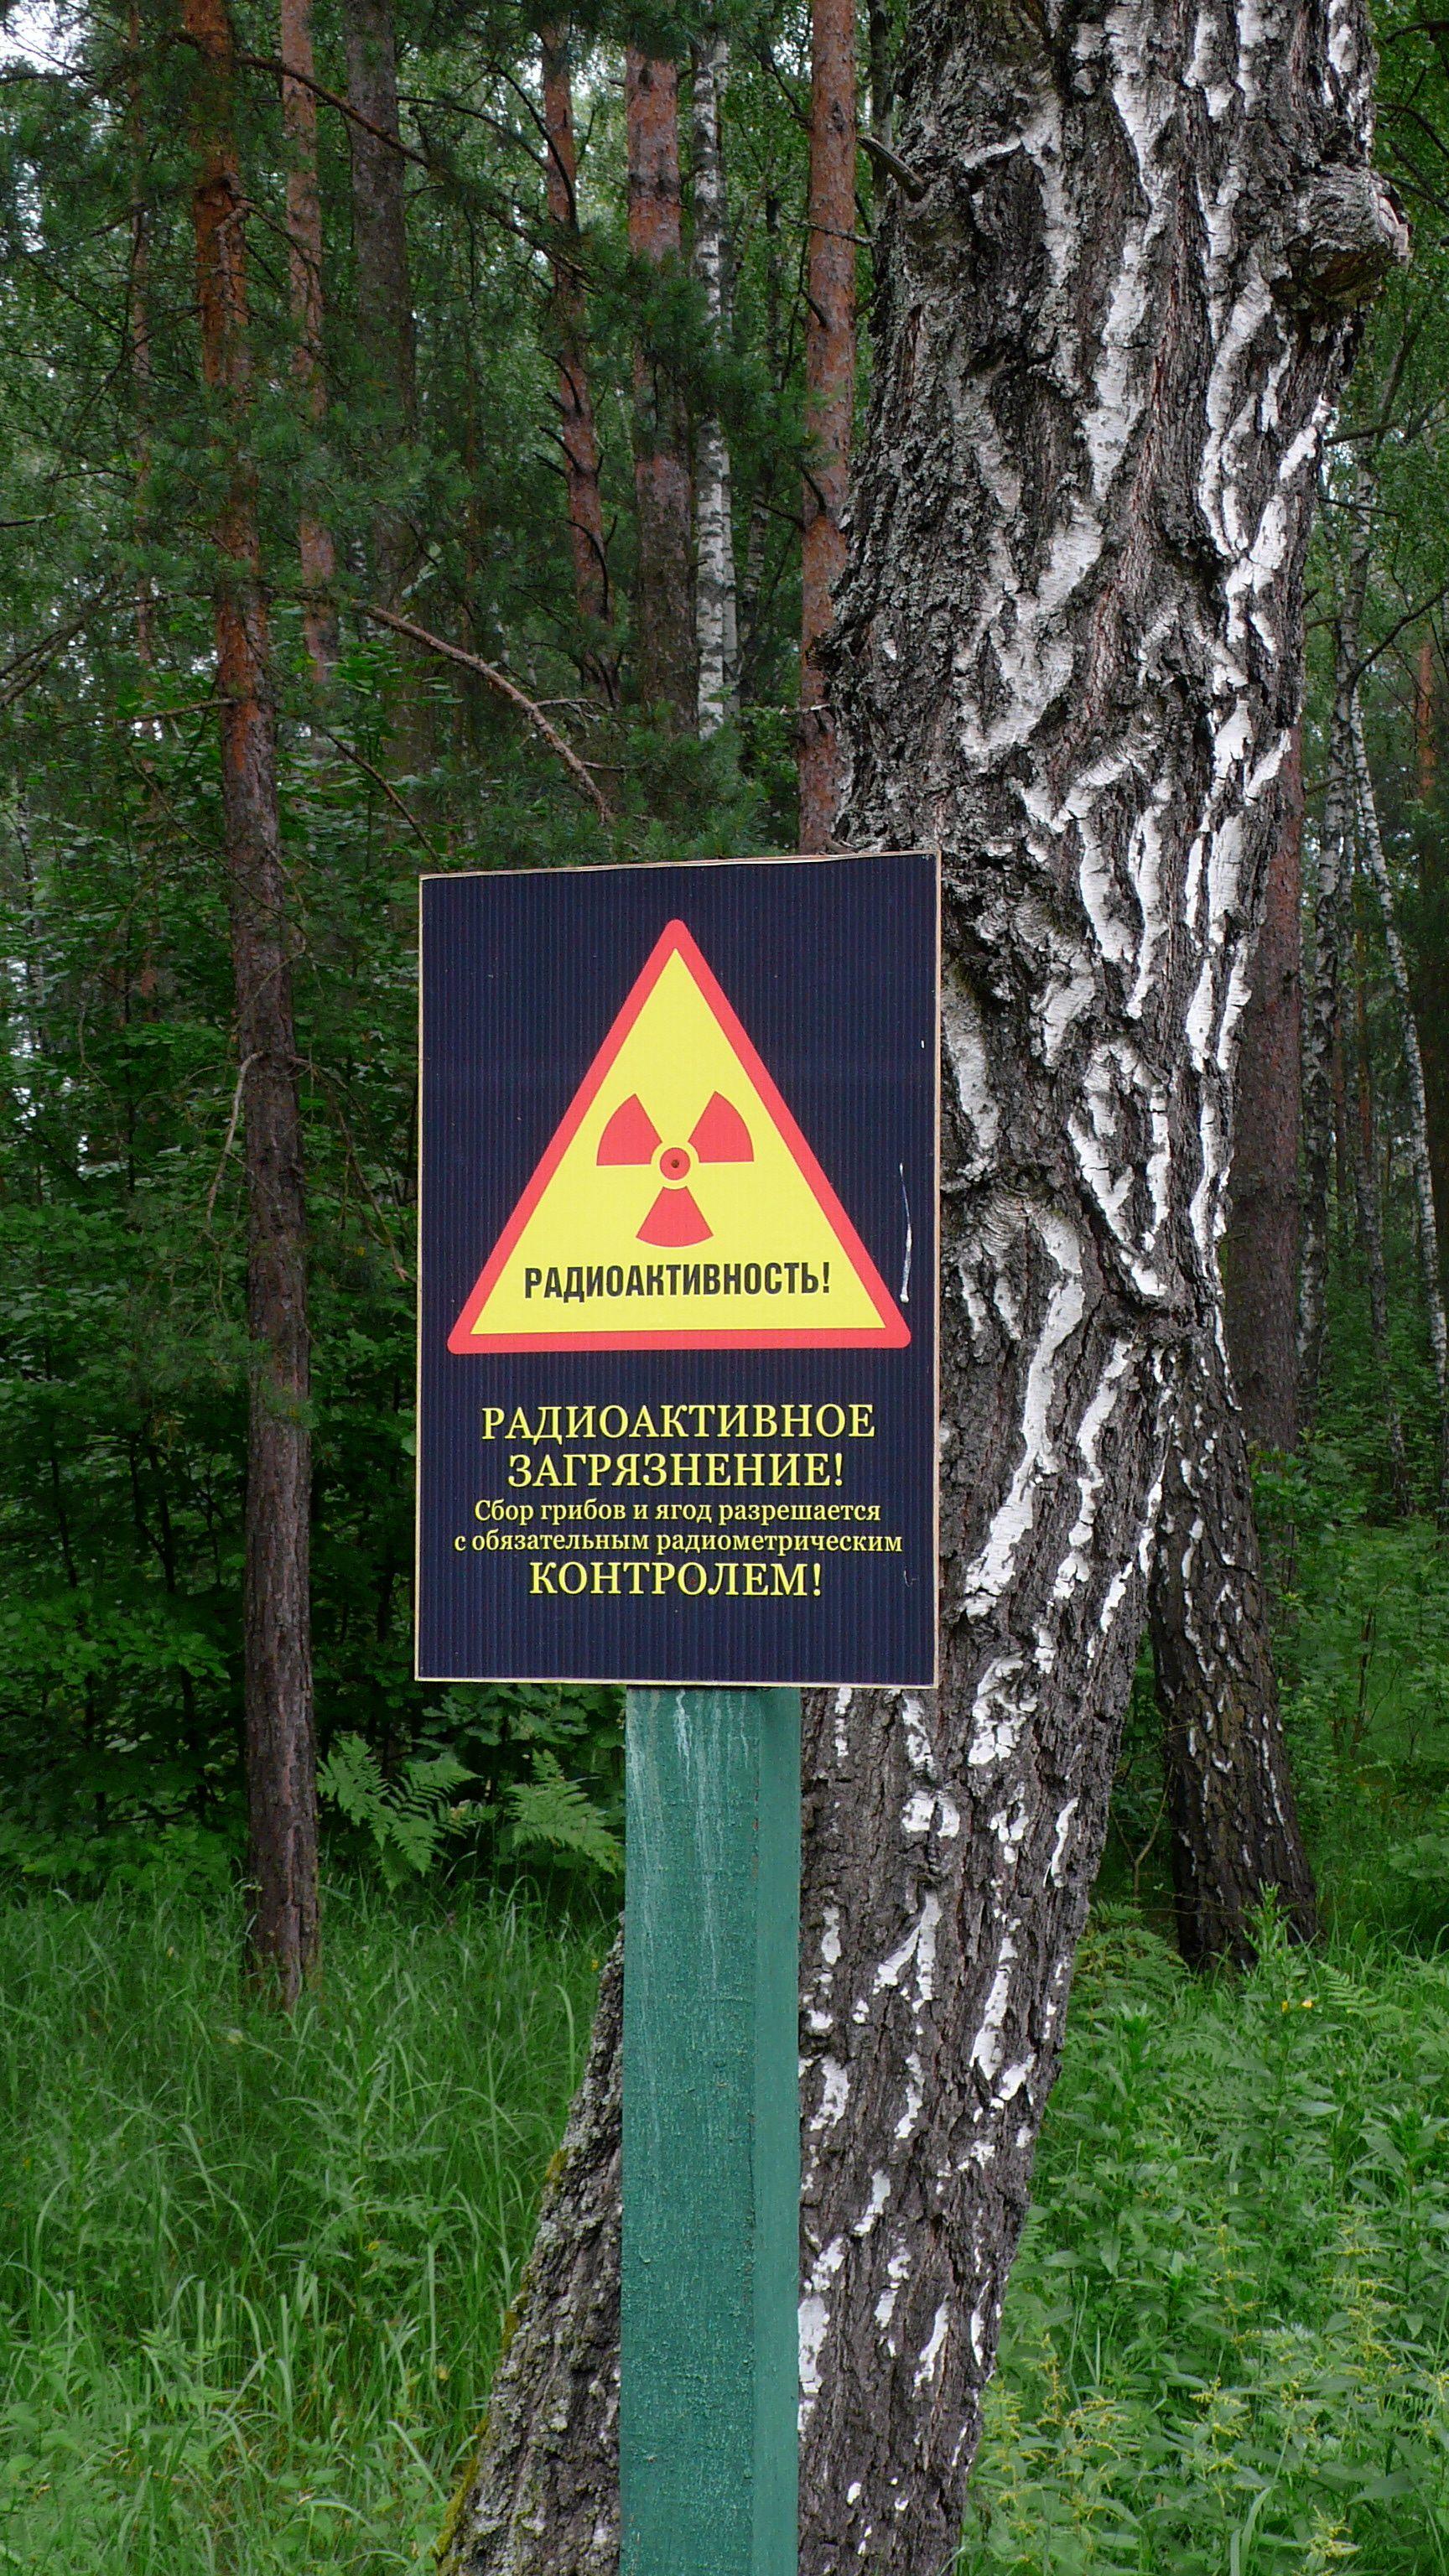 Warnung vor Radioaktivität in Weißrussland